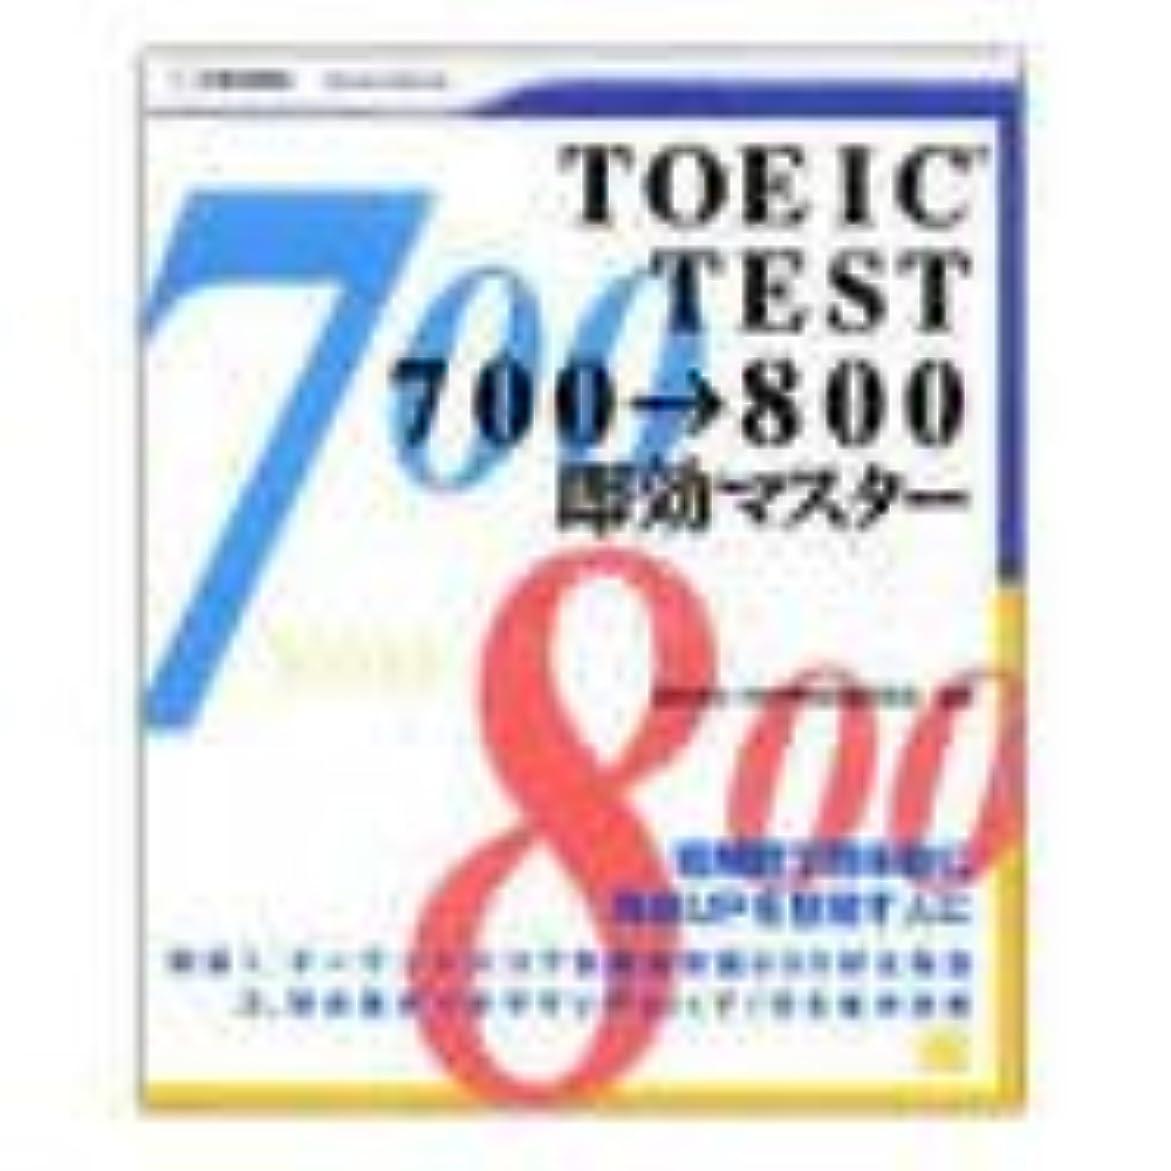 小屋締め切り東TOEIC TEST 700→800 即効マスター